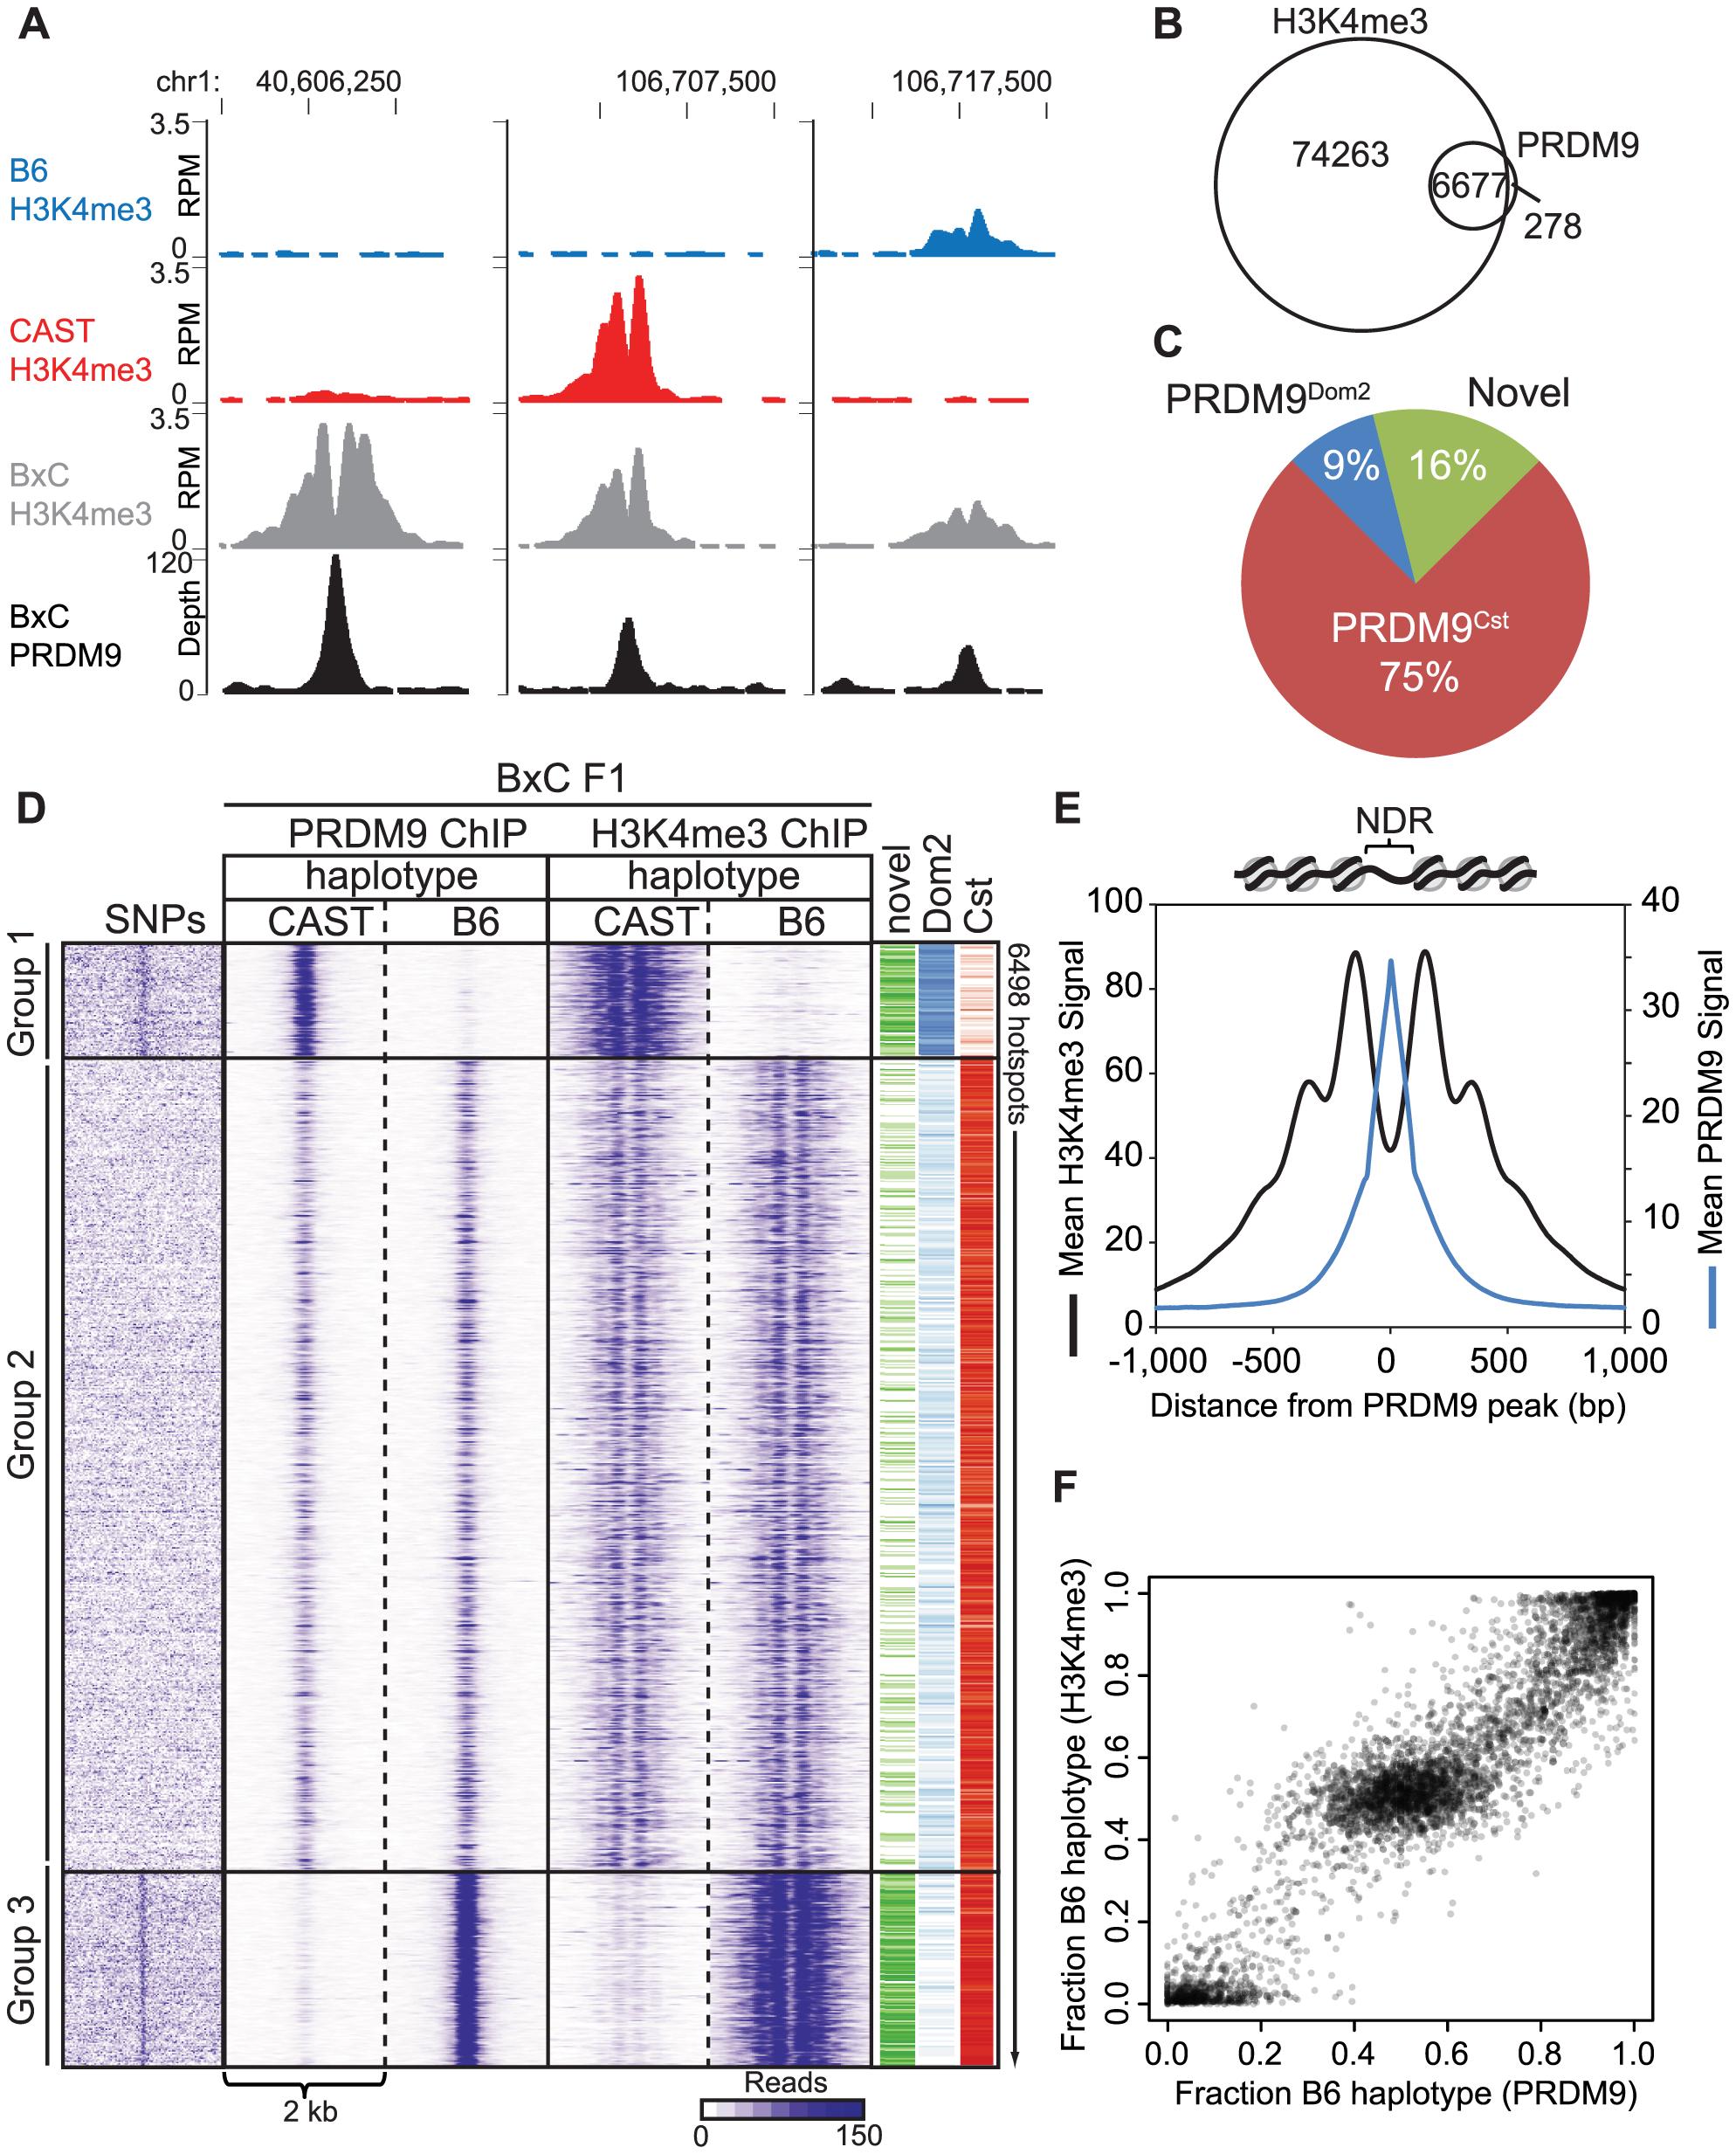 PRDM9 binding shows large haplotype bias in vivo.